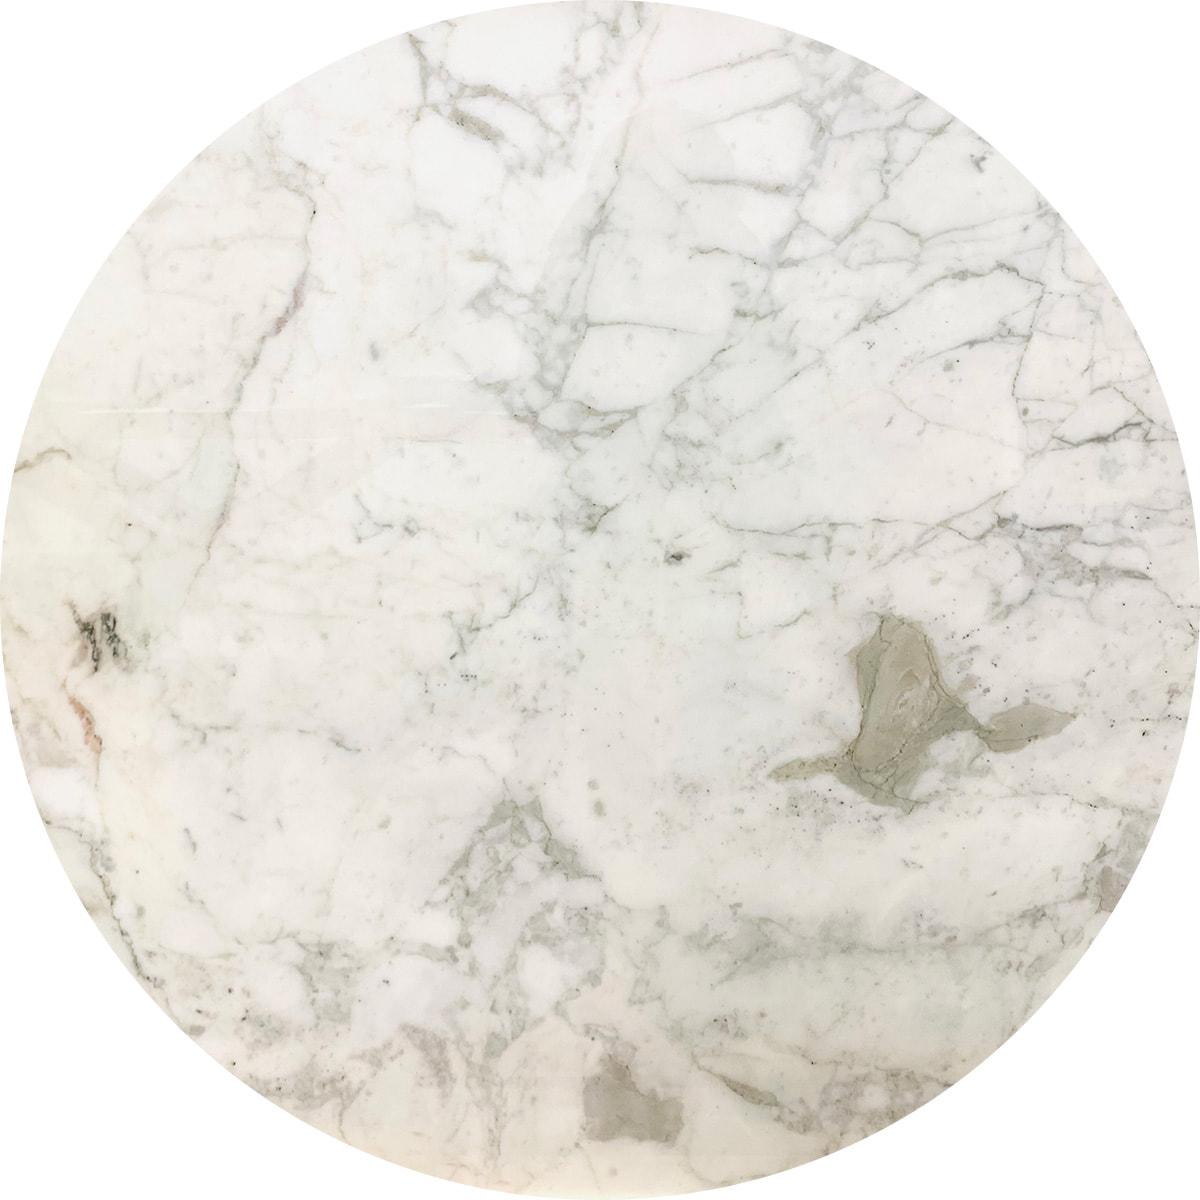 Saarinen Collection Round Tables(サーリネンテーブル) 1070mm カラカッタ173TRMA2 (006)